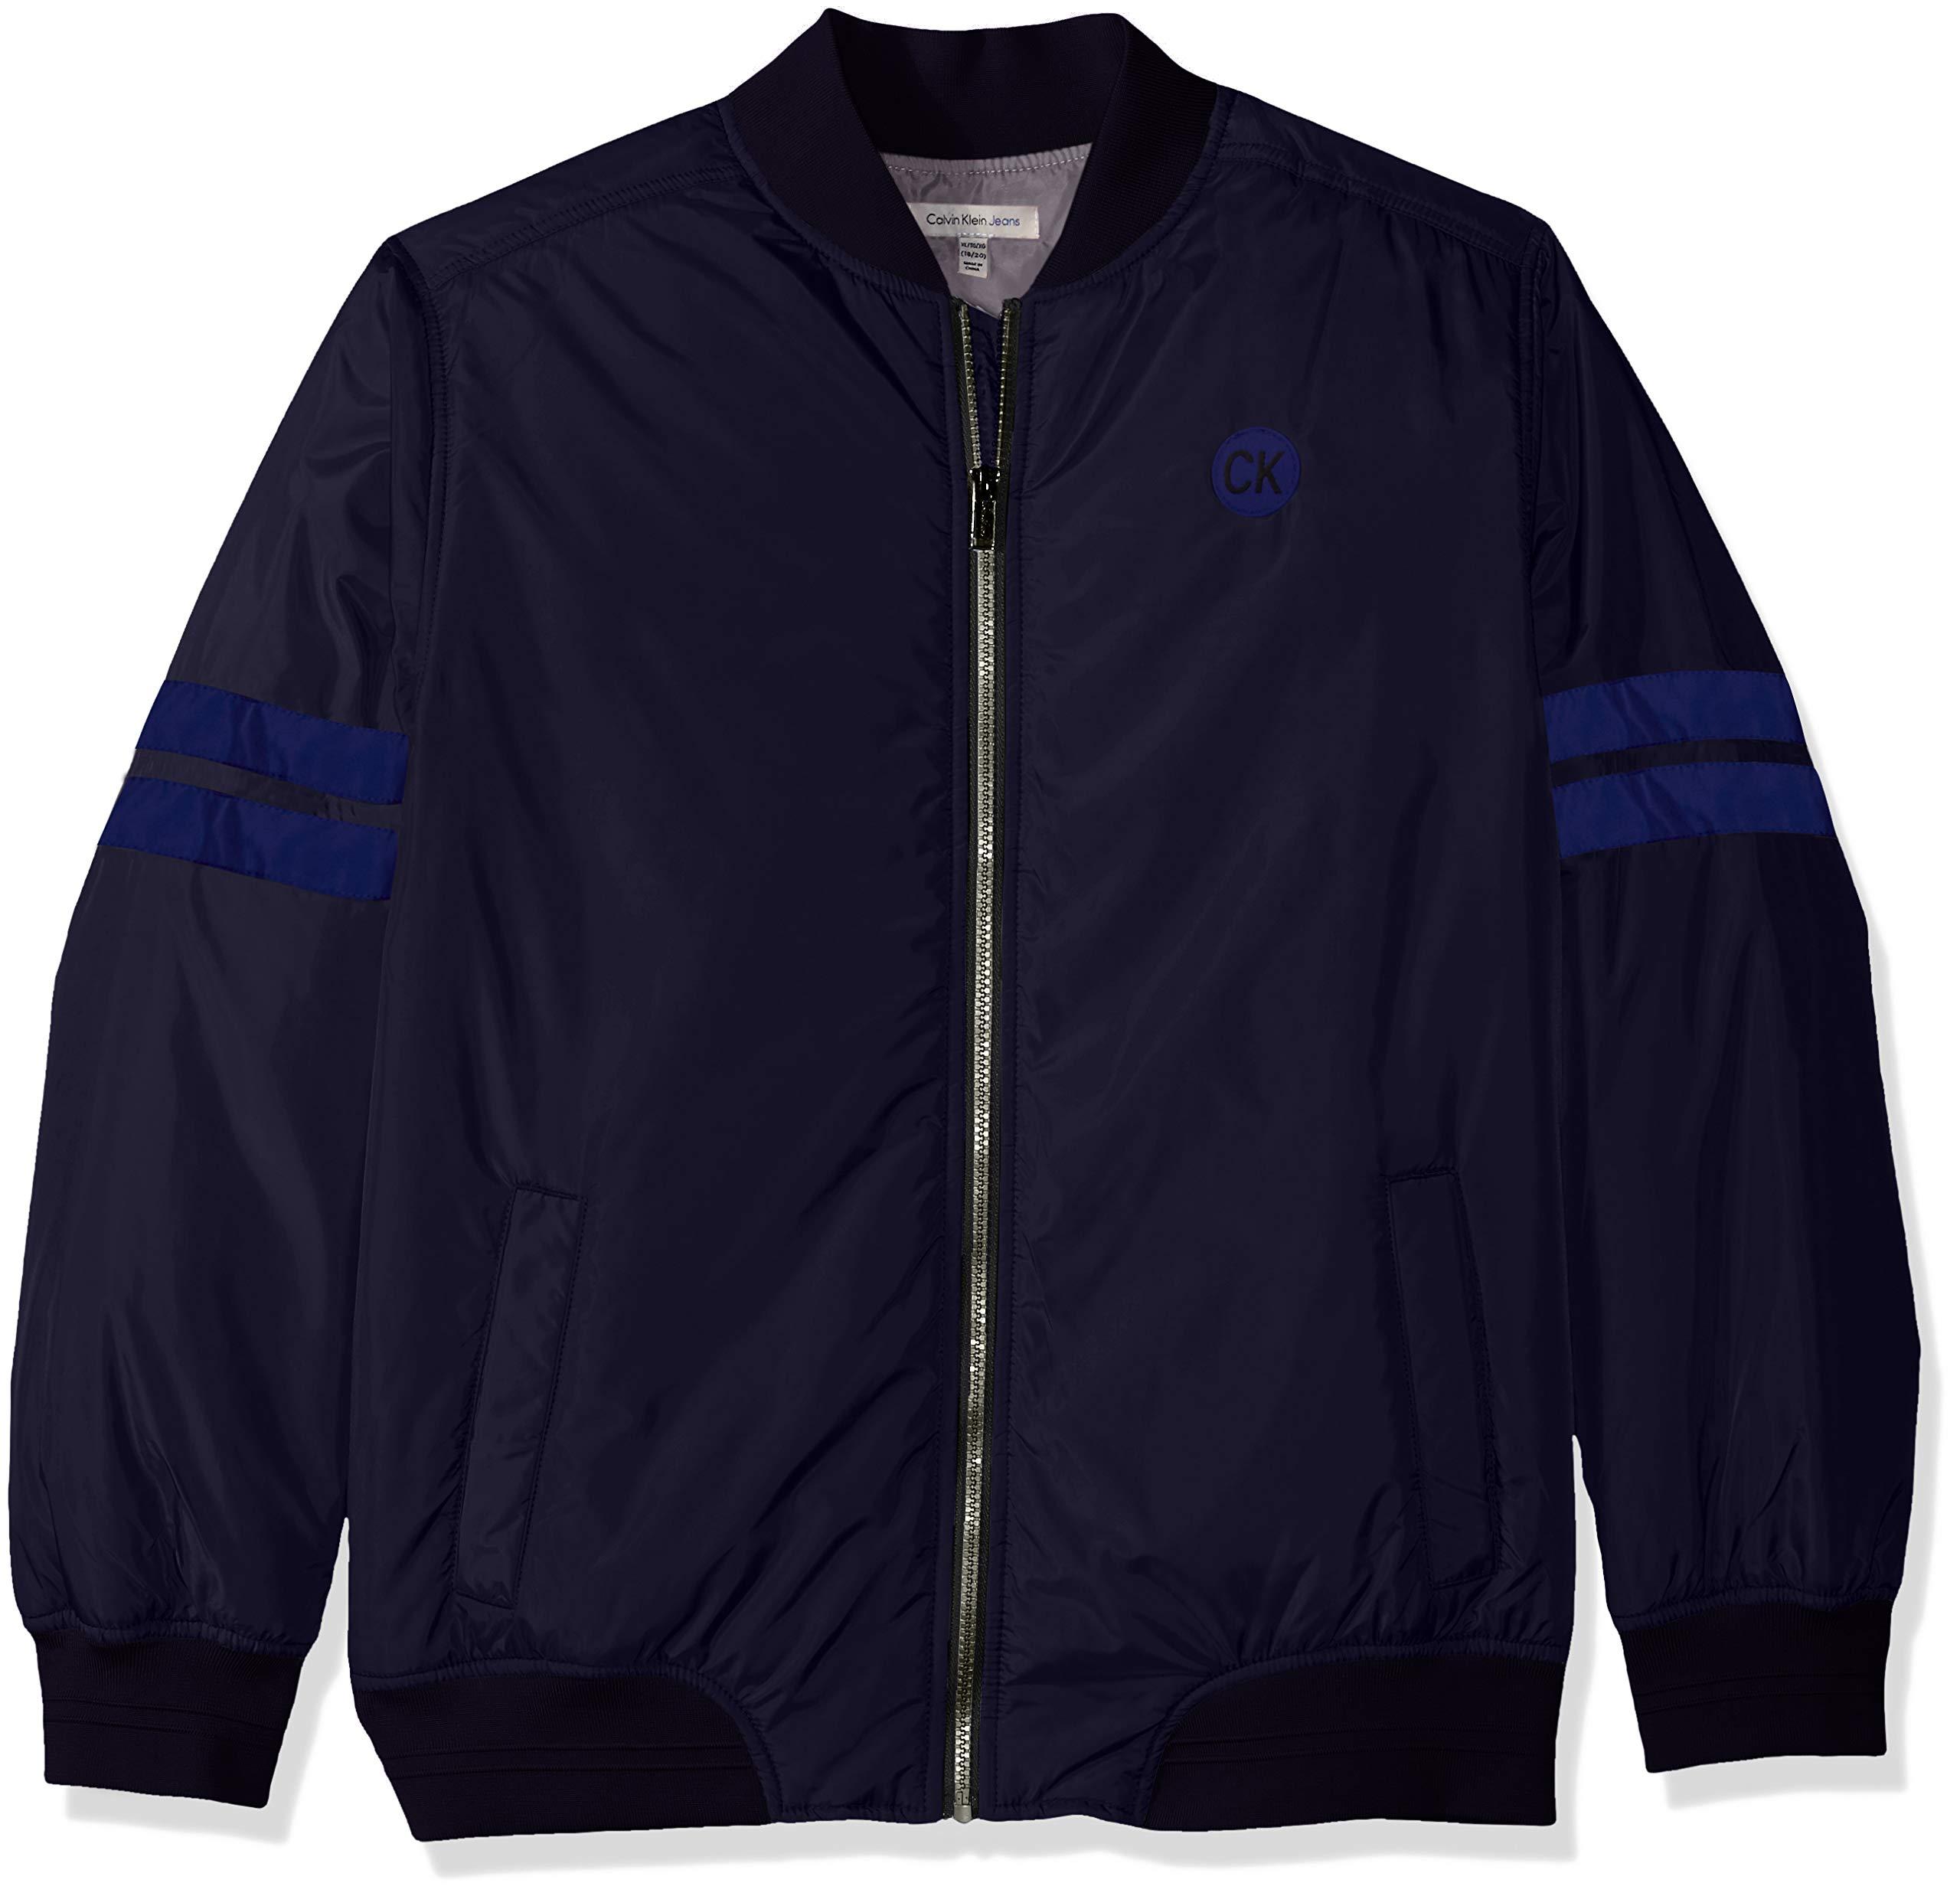 Calvin Klein Boys' Big Varsity Track Jacket, Navy, Large (14/16)